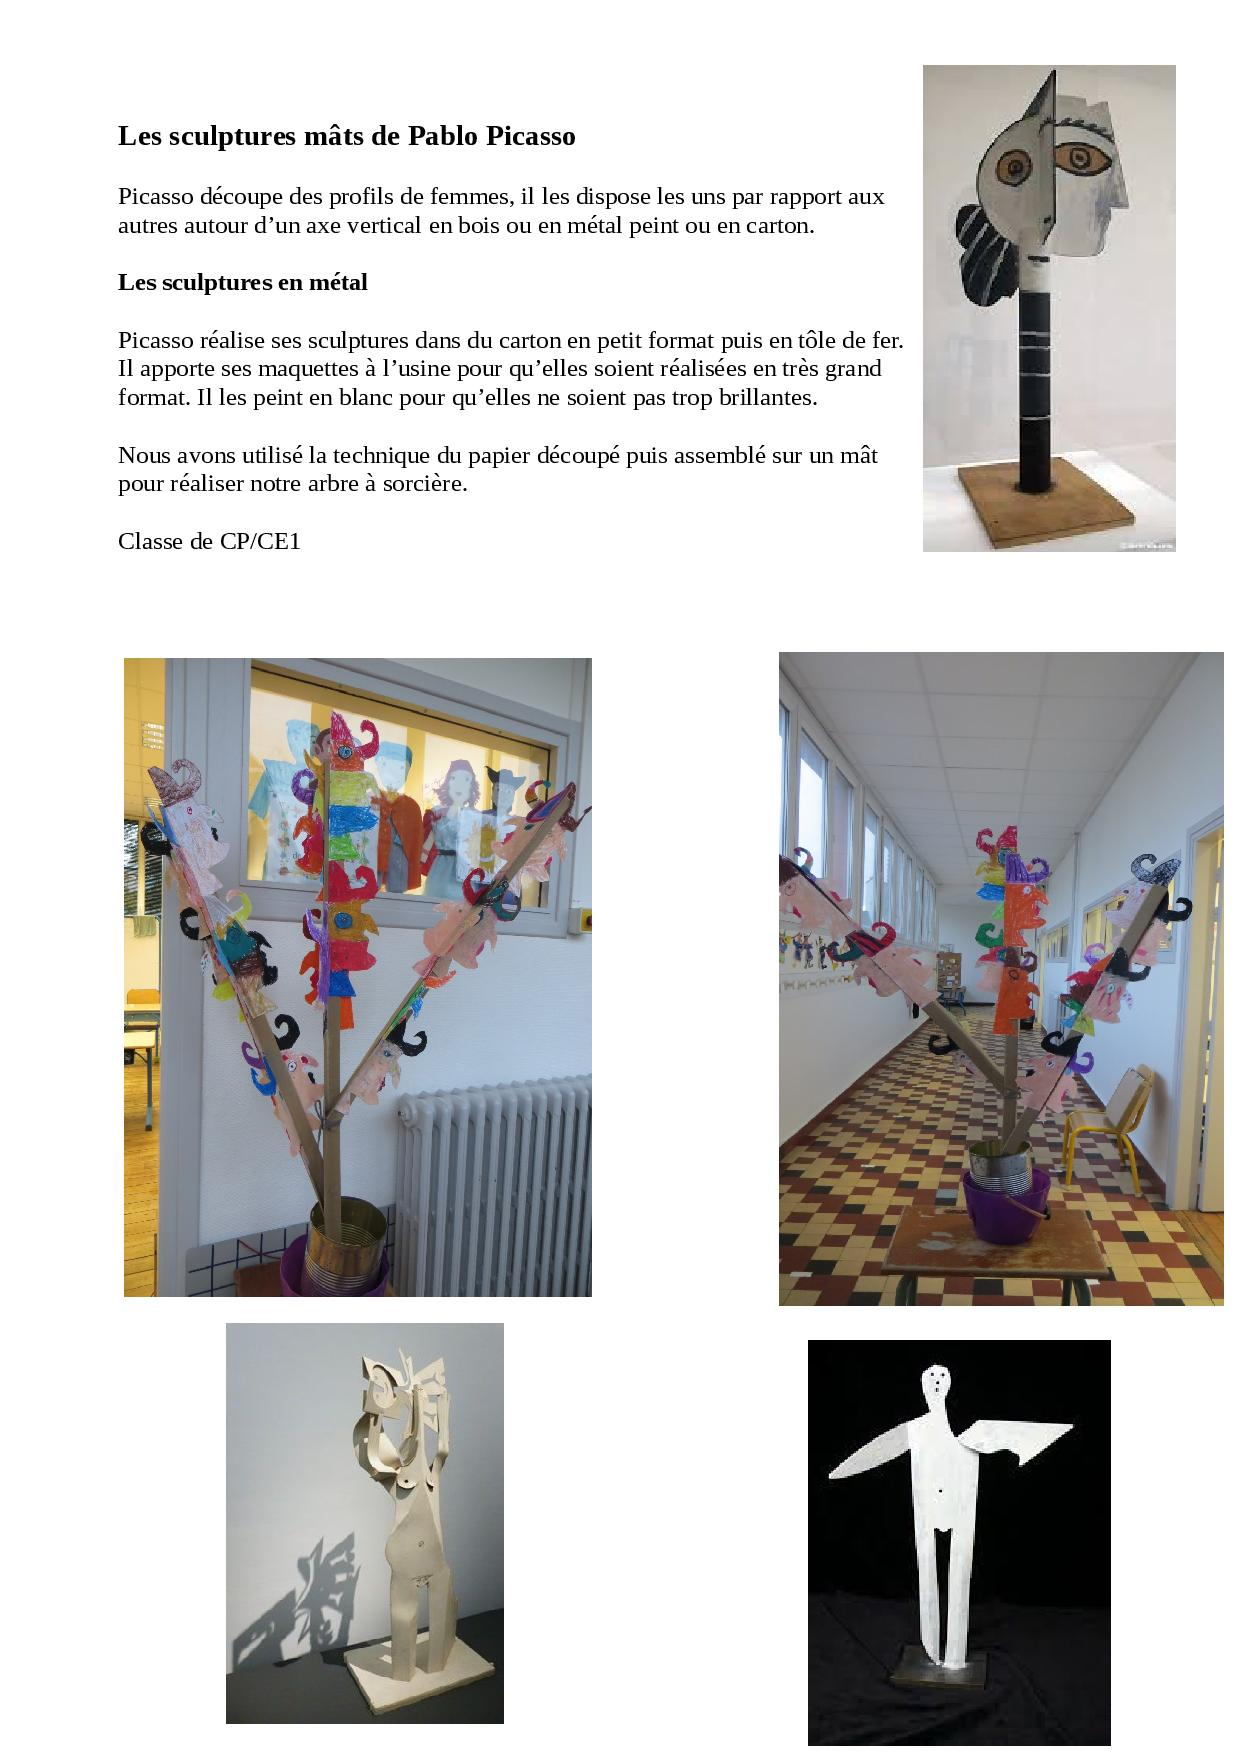 arbre à sorcières-page-001